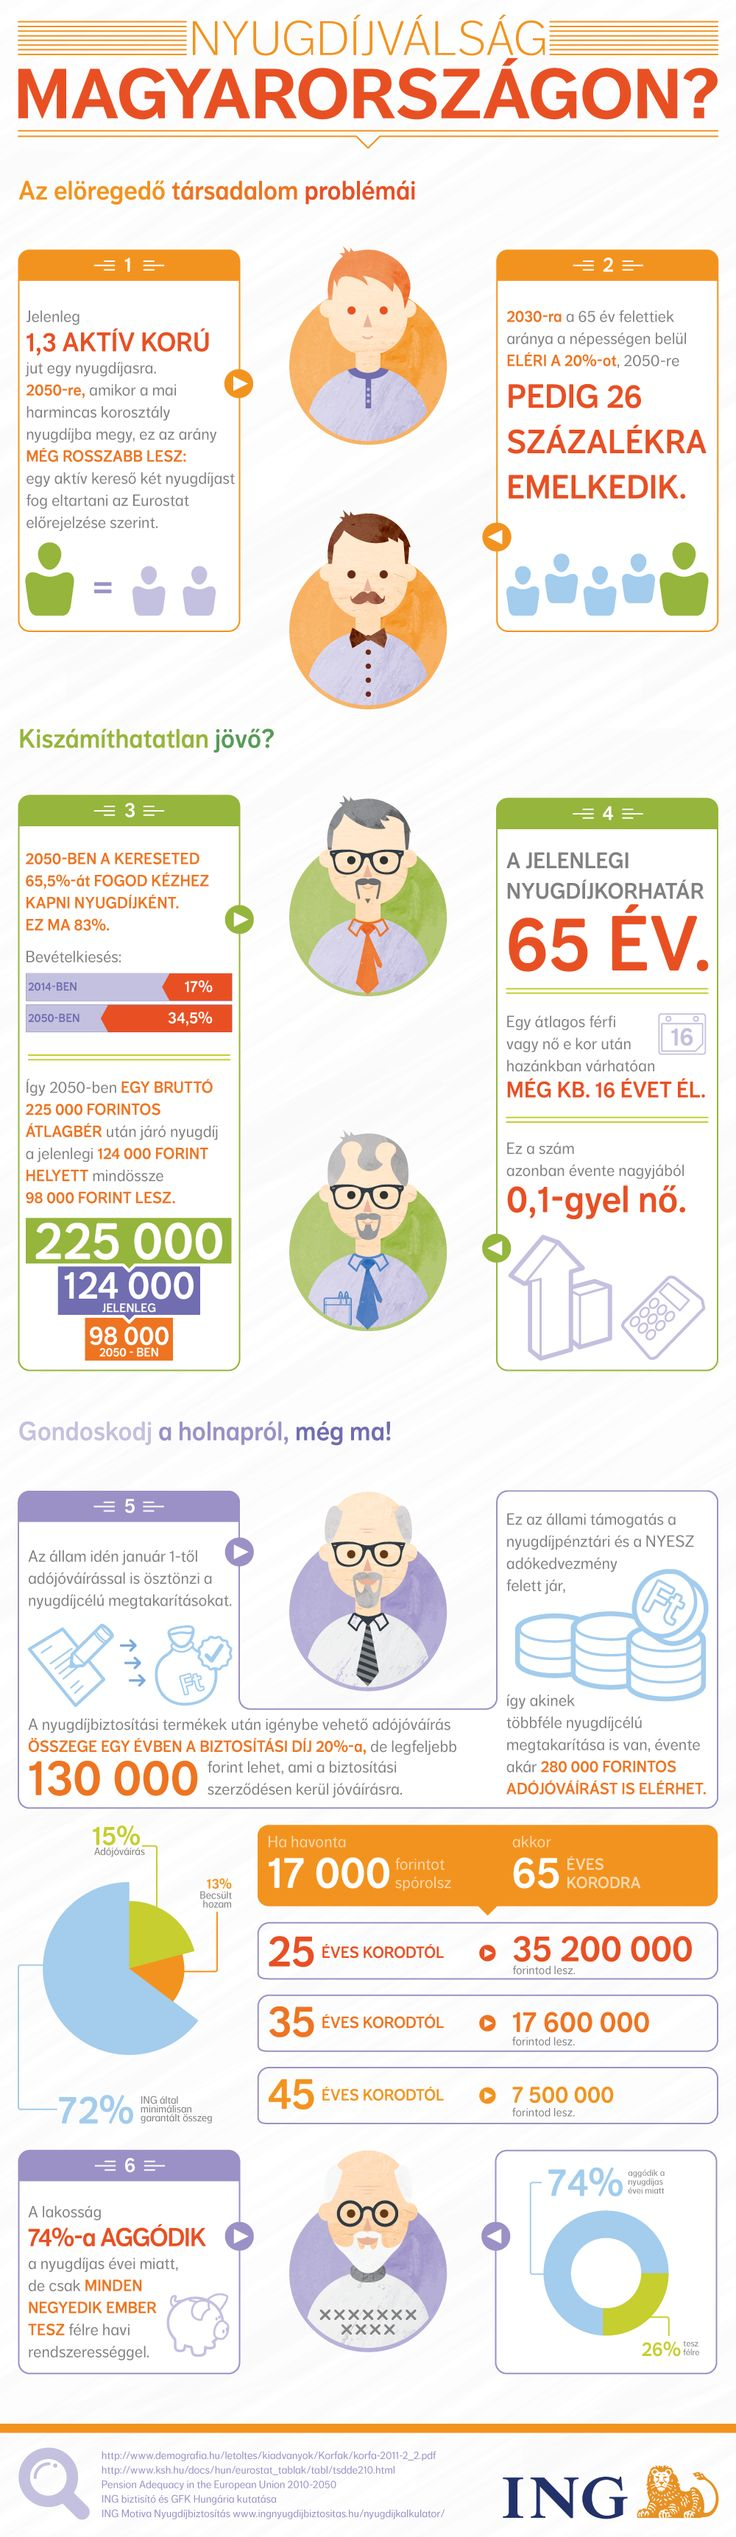 Nyugdíjválság Magyarországon?